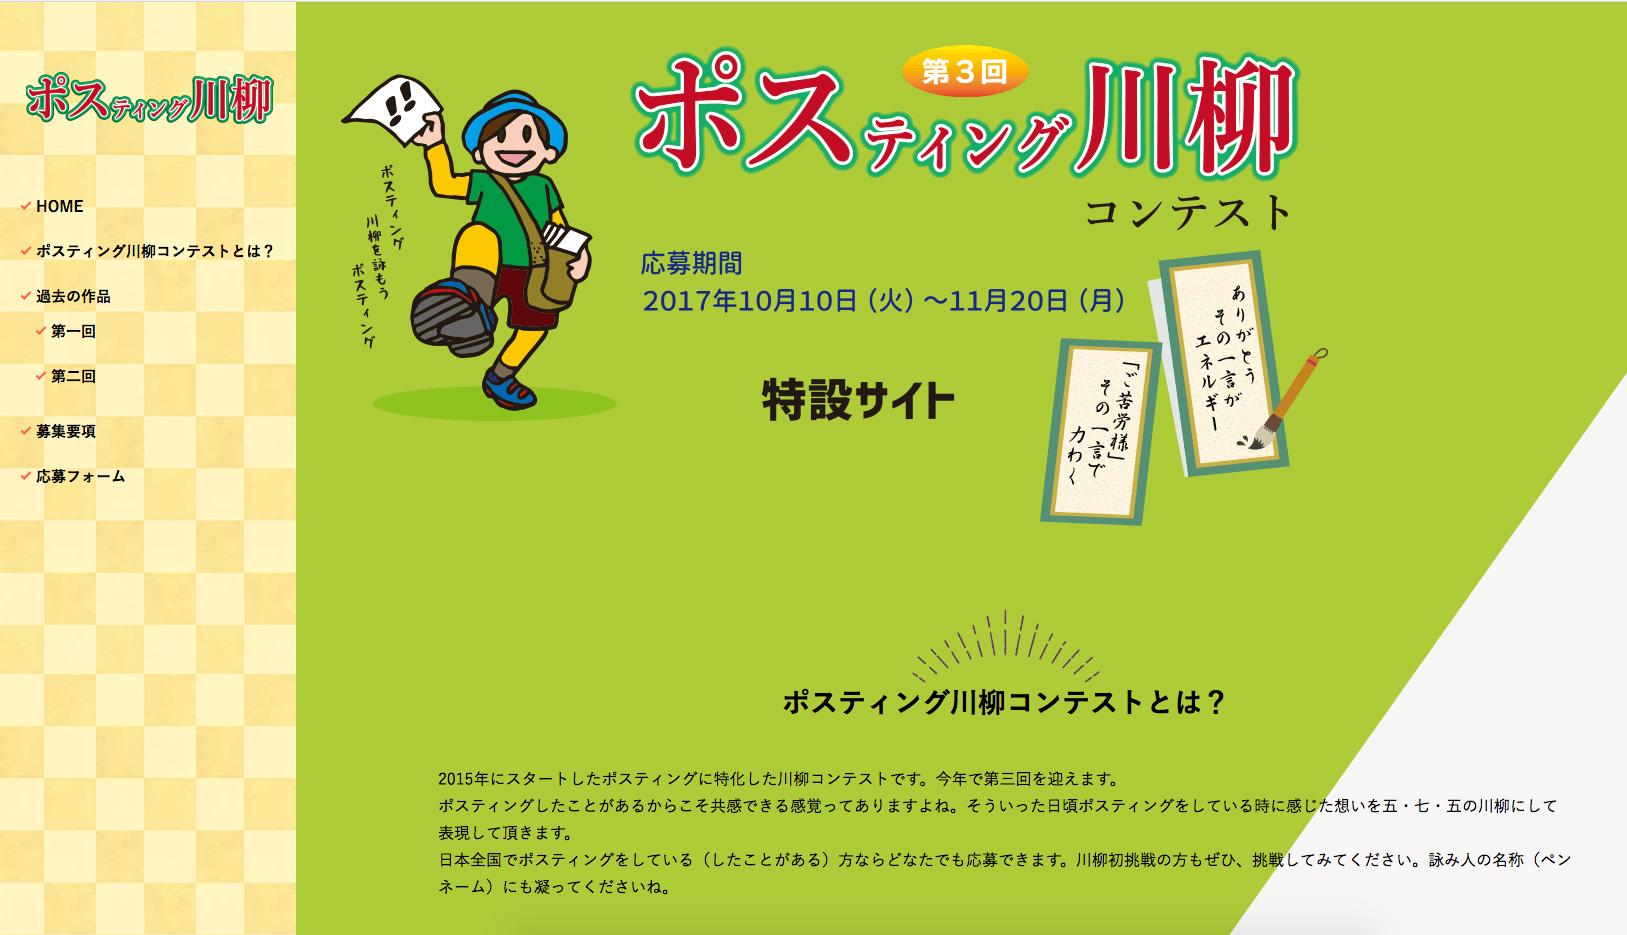 ポスティング川柳コンテストのホームページができました。